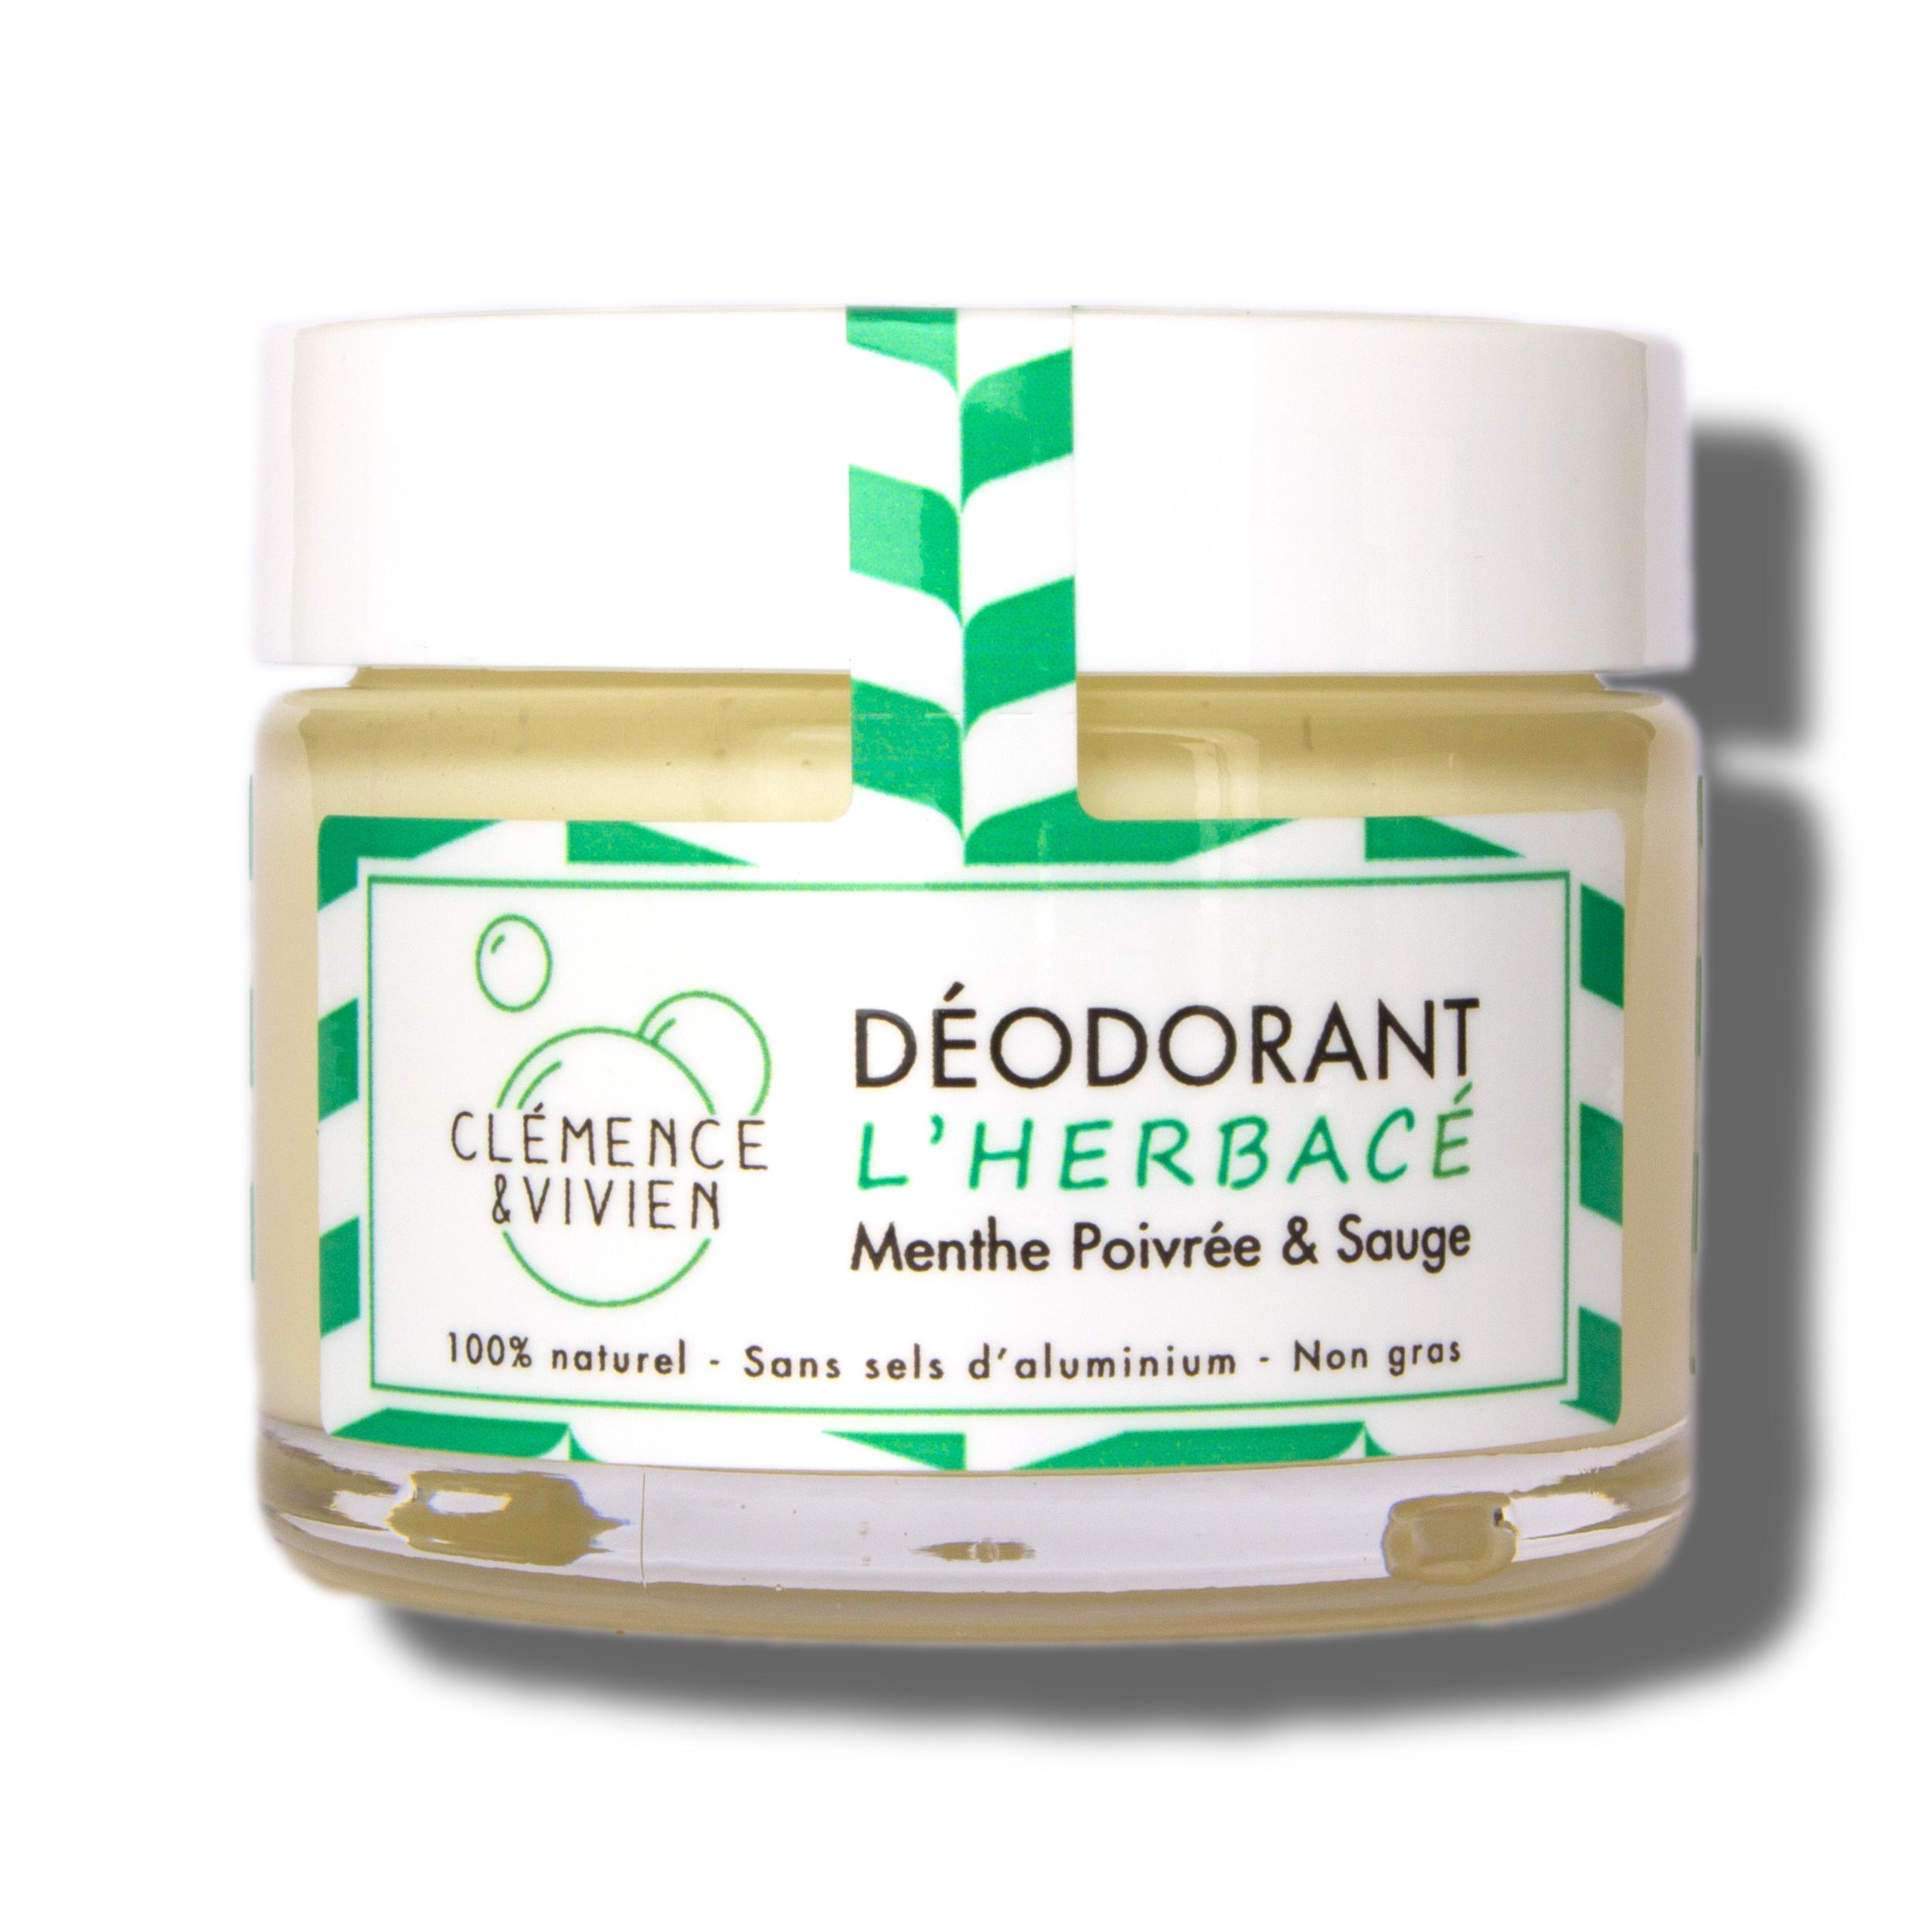 deodorant-herbace-clemence-et-vivien